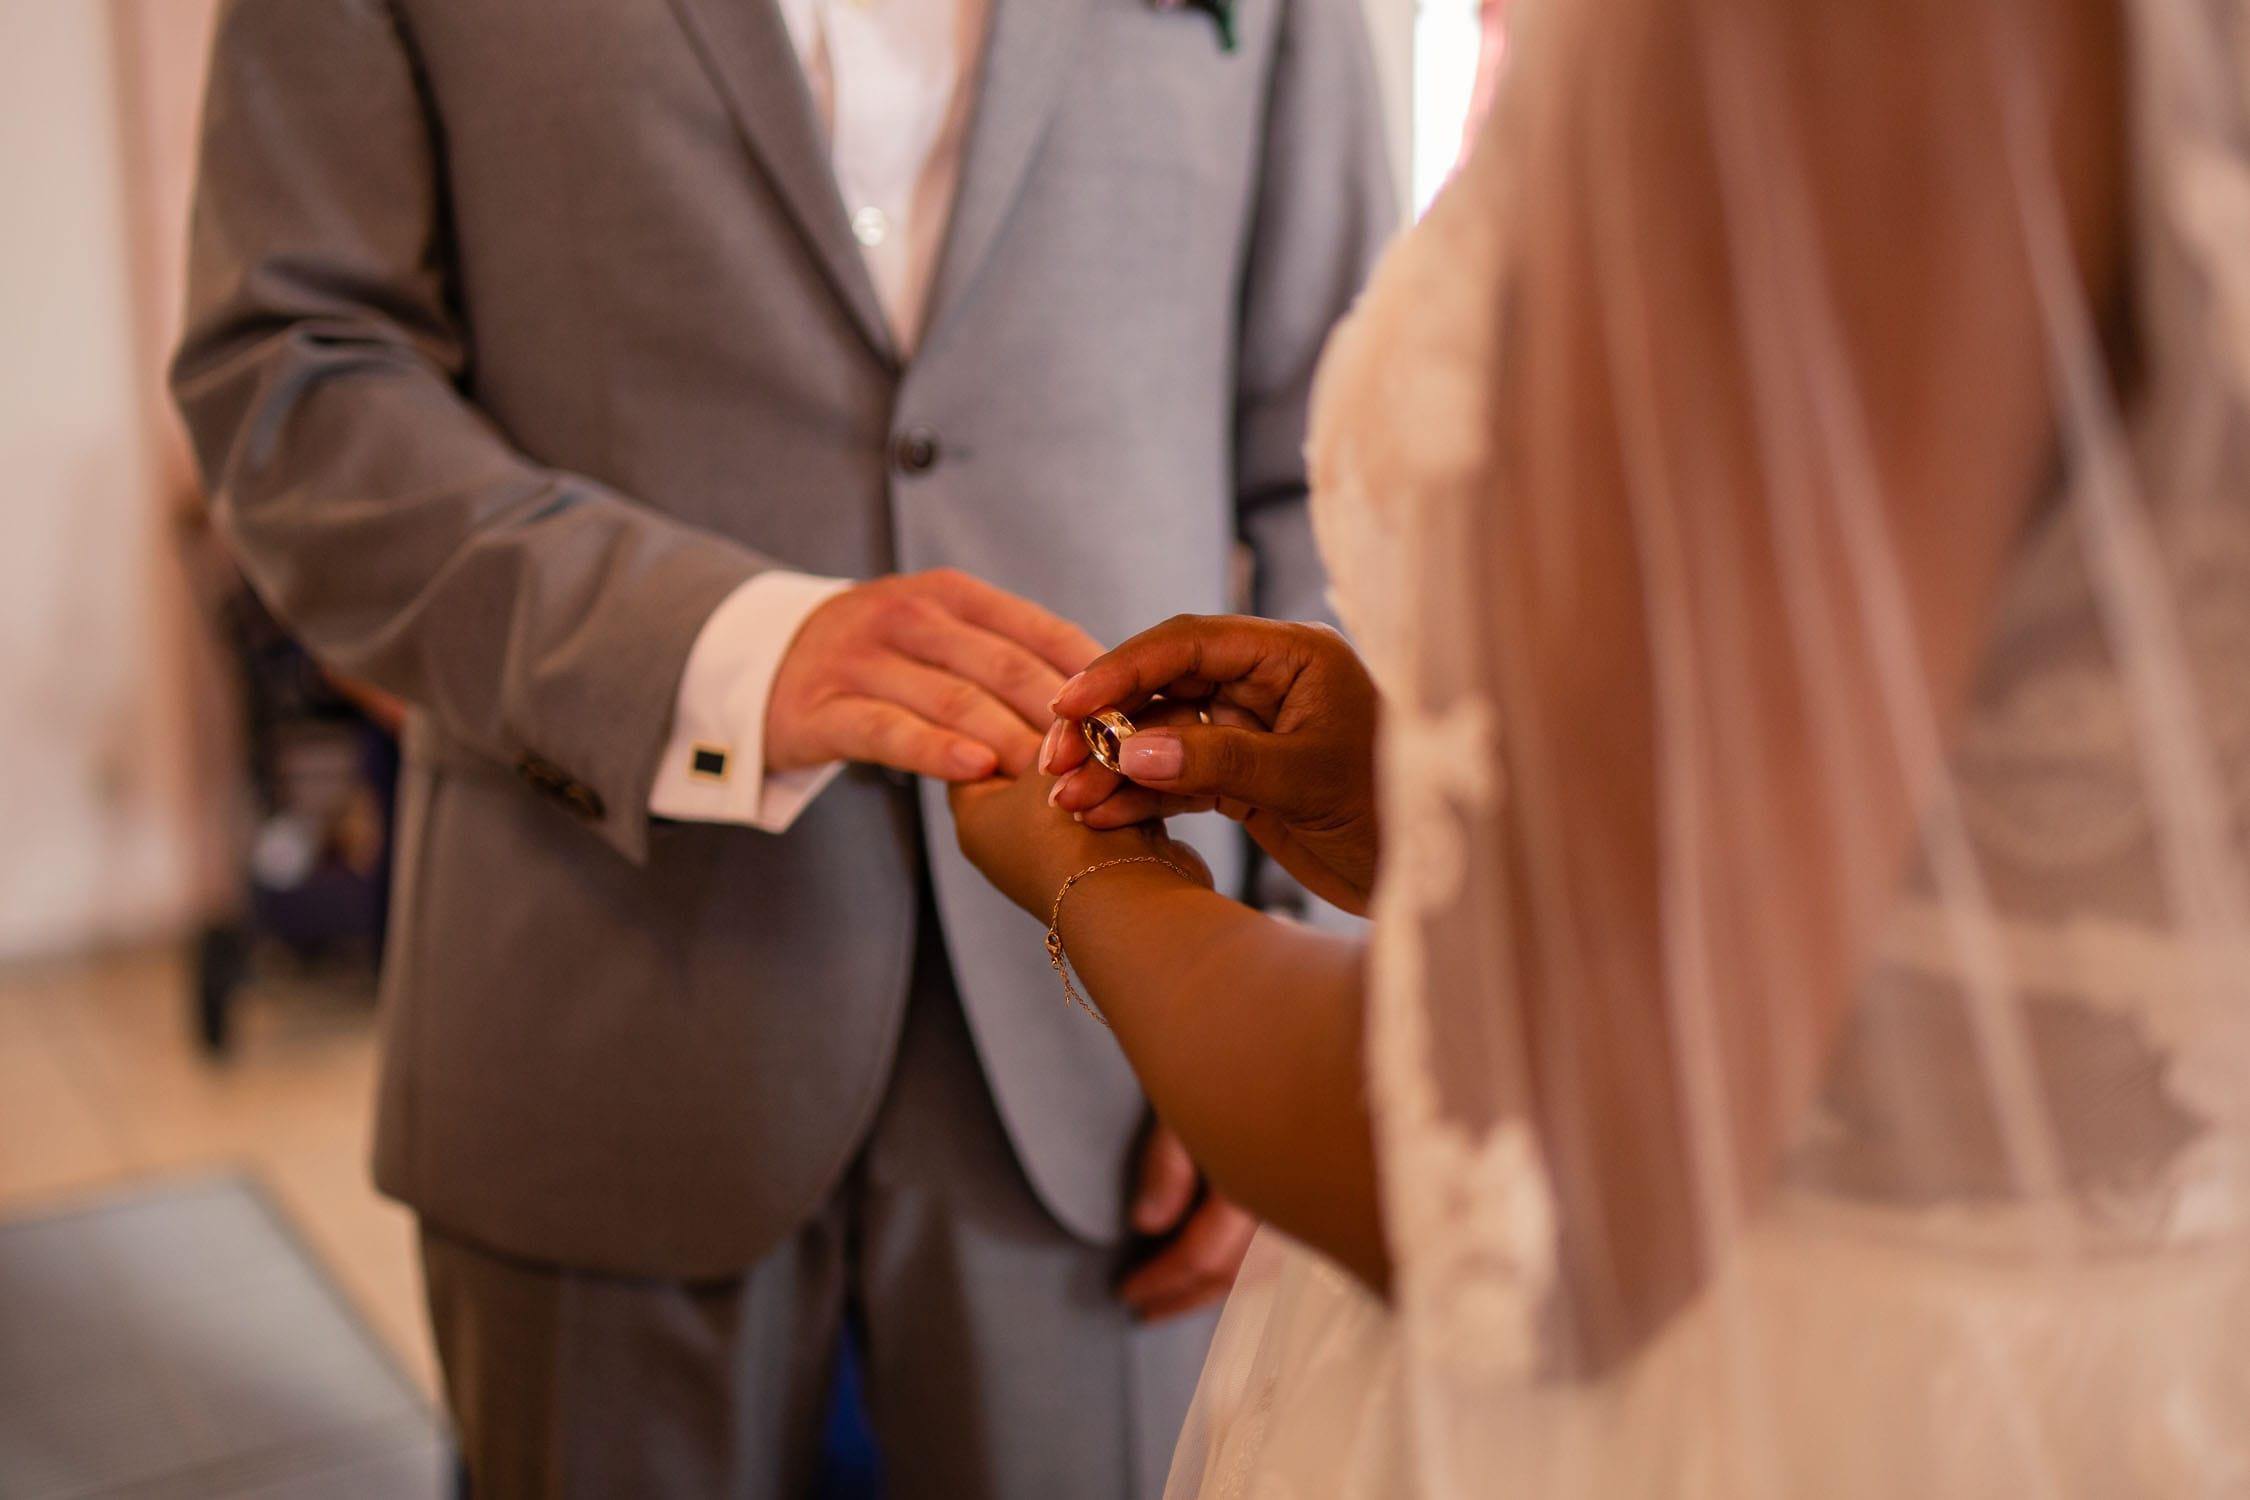 Authentische Hochzeitsfotografie Hochzeitsfotograf Koeln Andre Bastos Fotoggrafie 12 min – gesehen bei frauimmer-herrewig.de